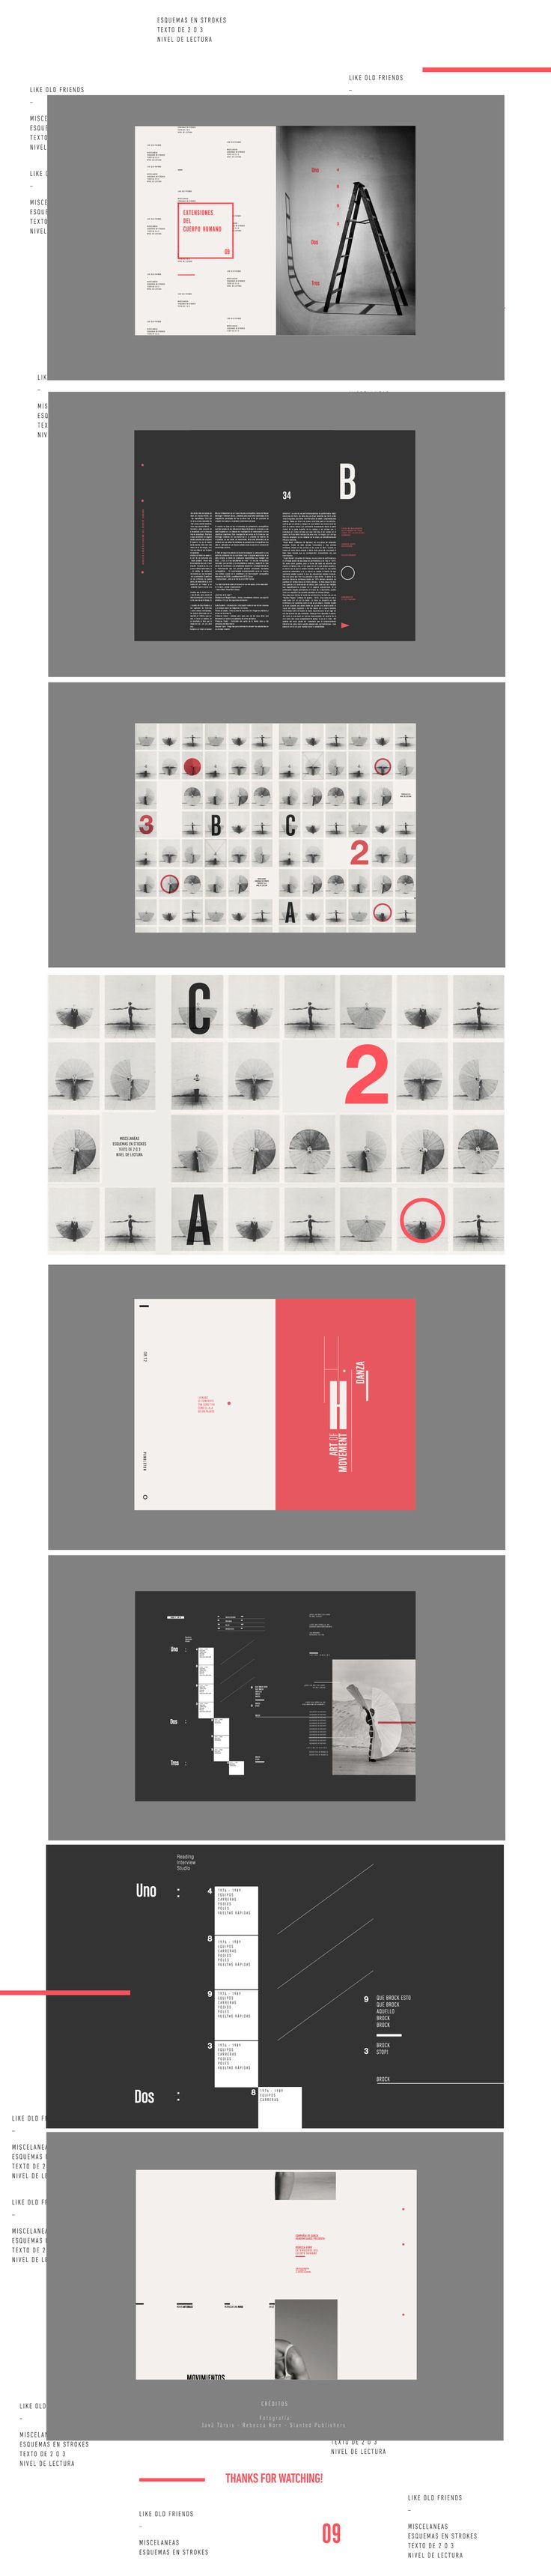 Proyecto para la universidad:Pressbook para el evento principal de Aureo, Festival de Danza Contemporanea. Trabajo de la carrera de Diseño Gráfico, cátedra Gabriele 2013 (FADU - UBA)...................................................................…